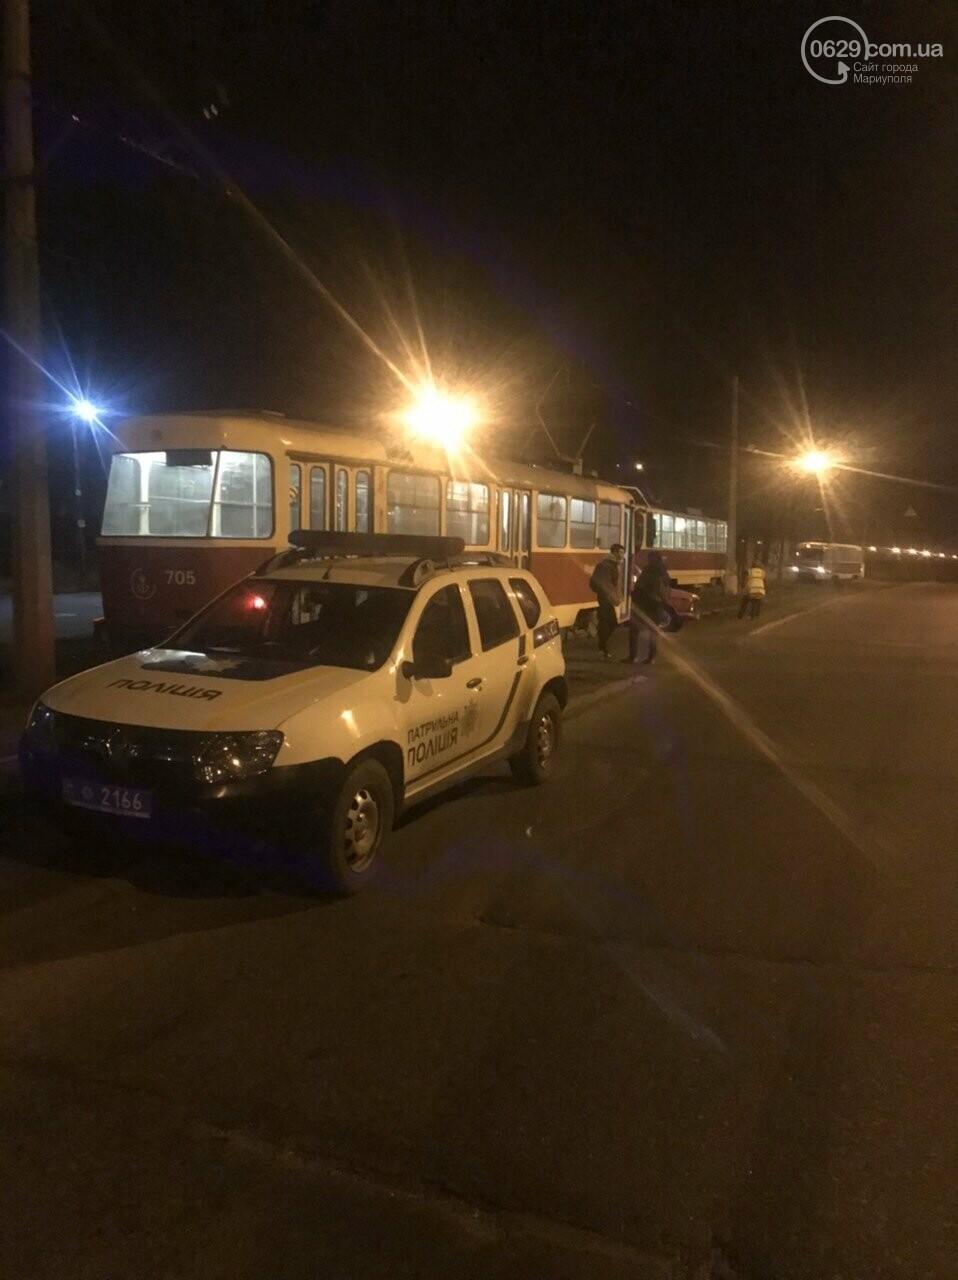 В Мариуполе «Москвич» столкнулся с трамваем, - ФОТО, фото-4